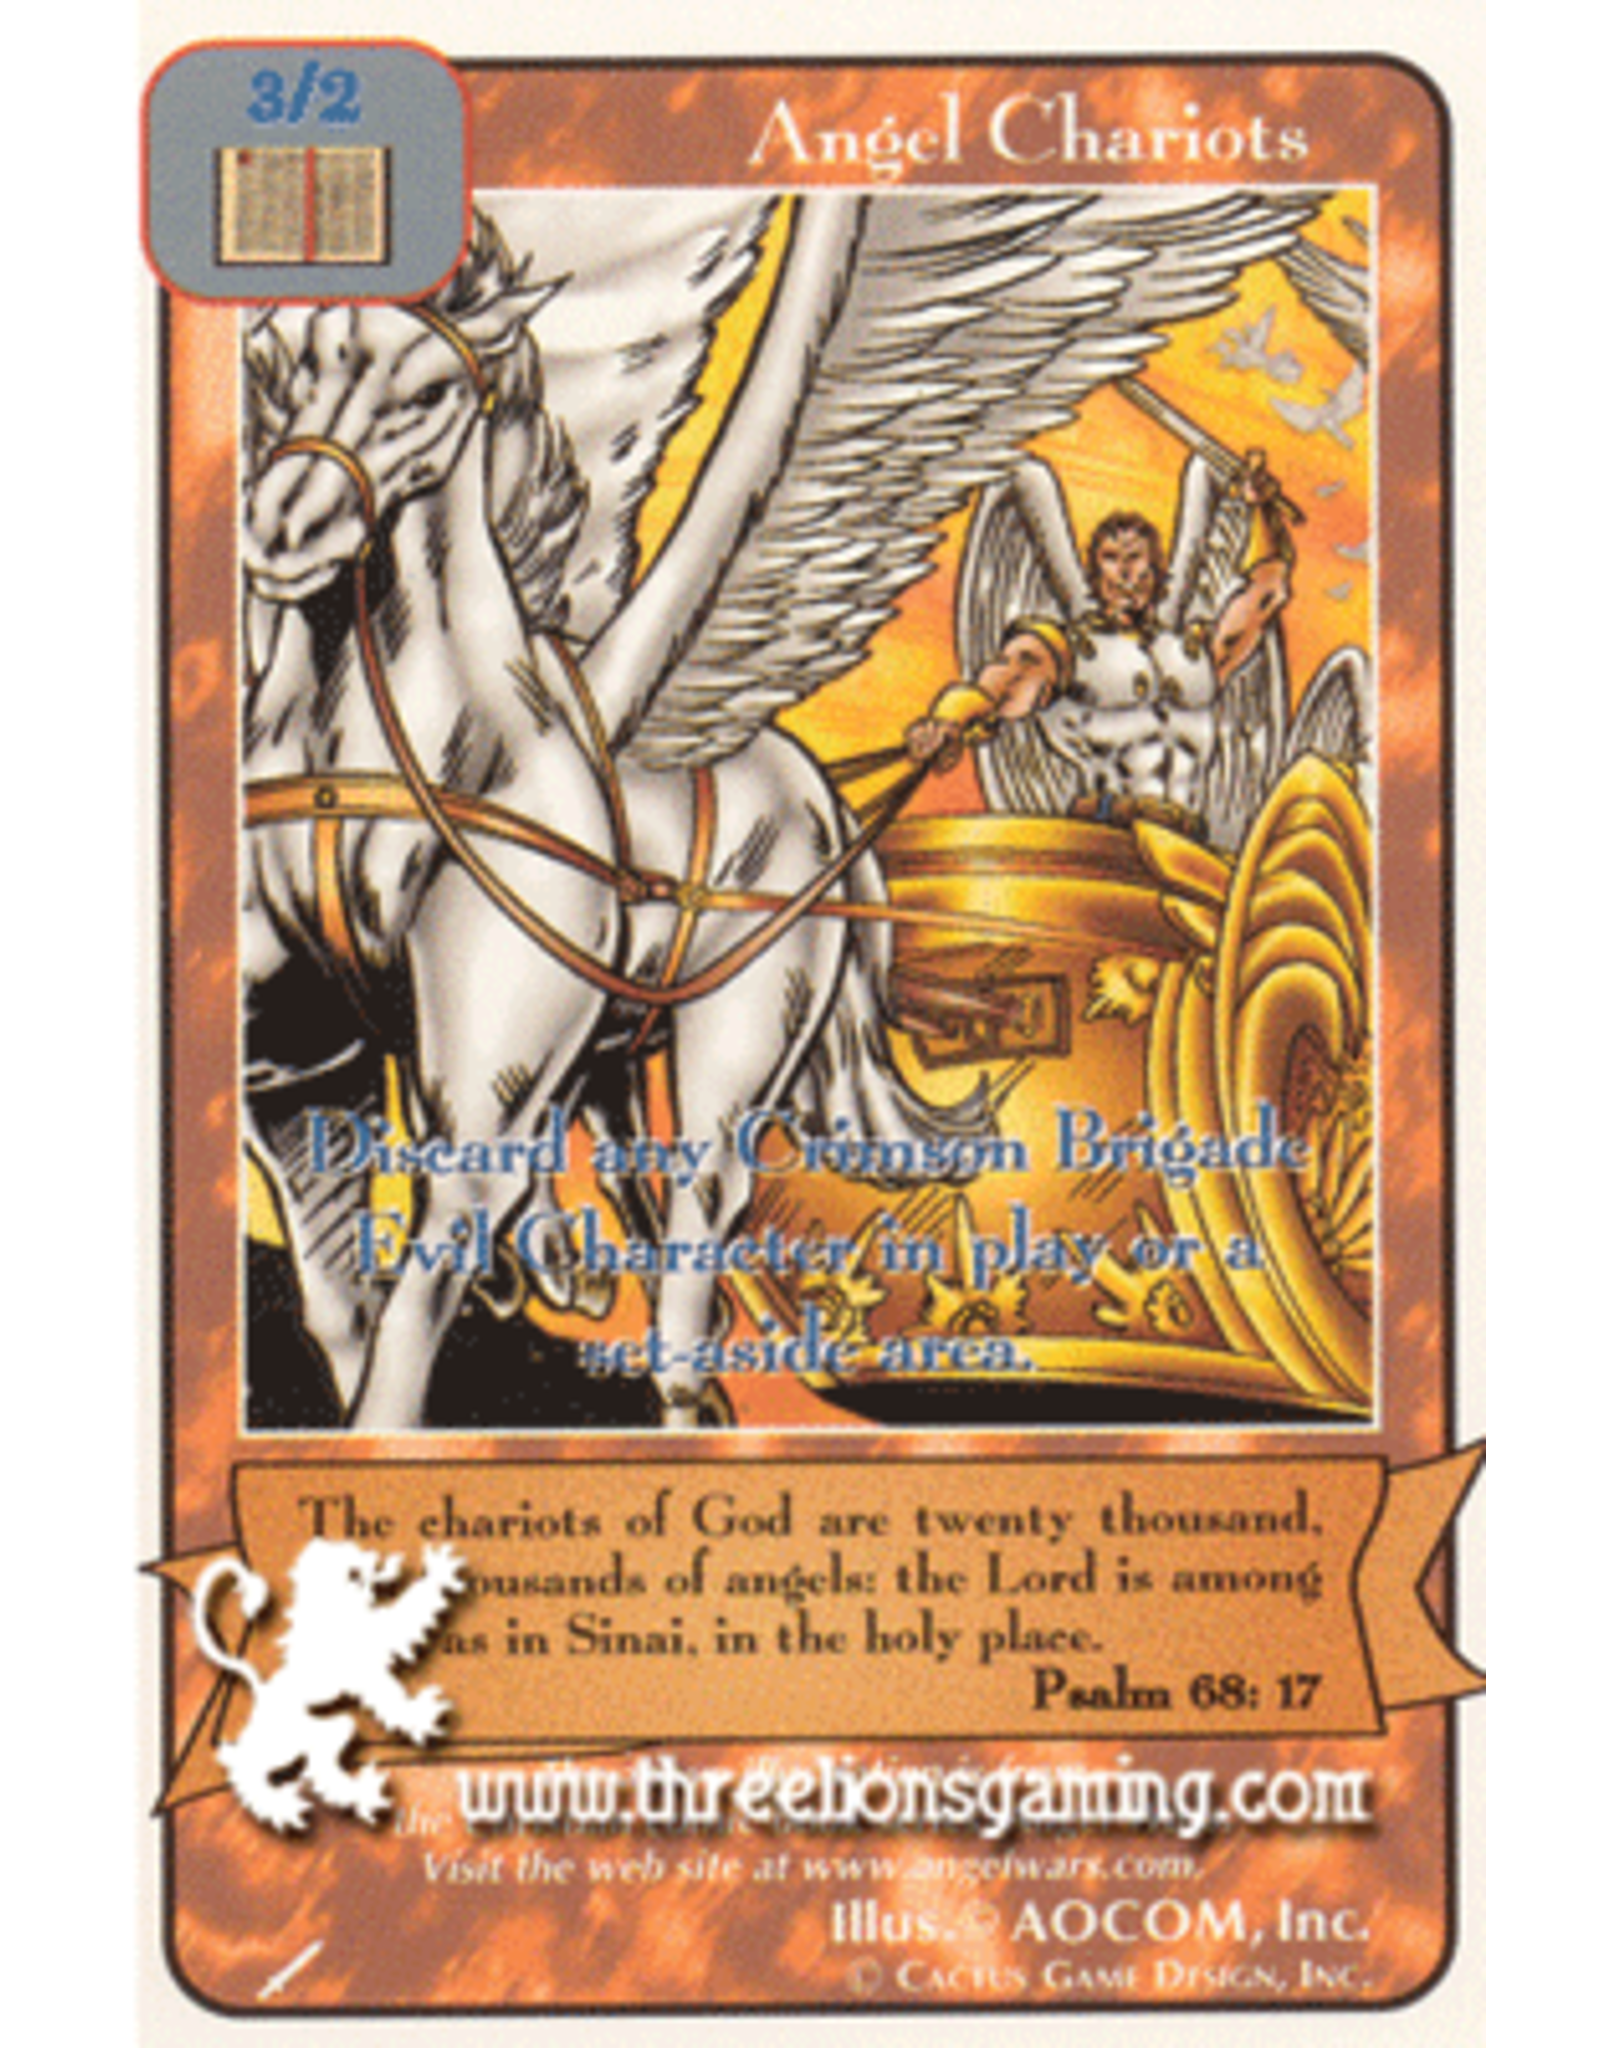 Wa: Angel Chariots